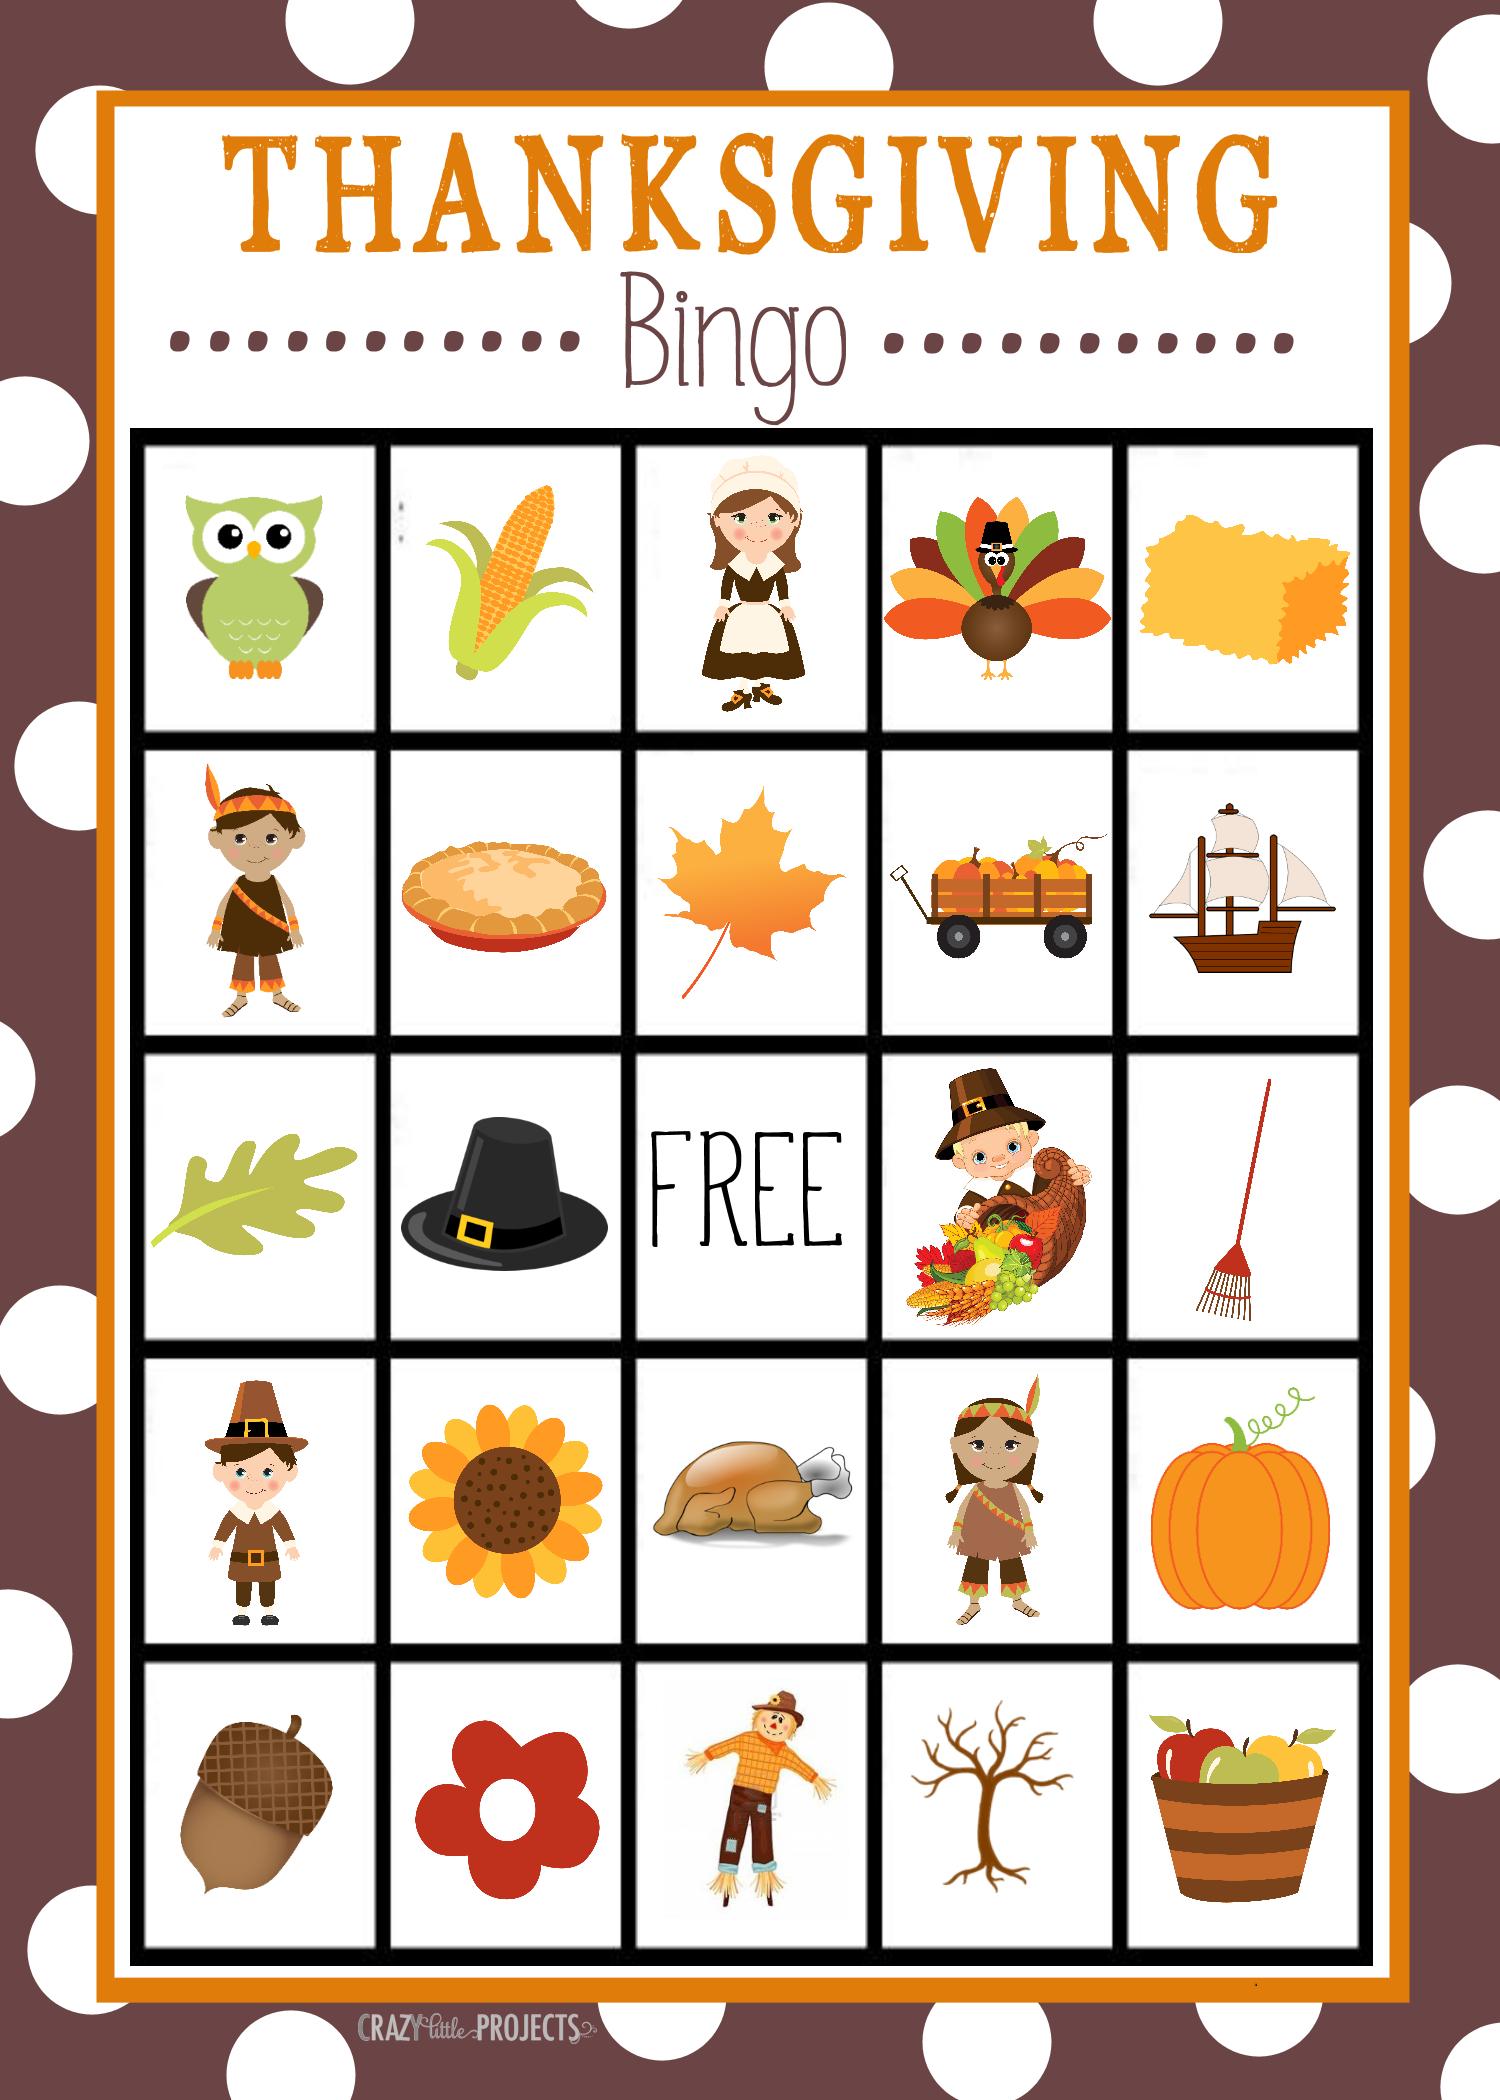 Free Printable Thanksgiving Bingo Game | Craft Time | Thanksgiving - Free Printable Thanksgiving Graphics